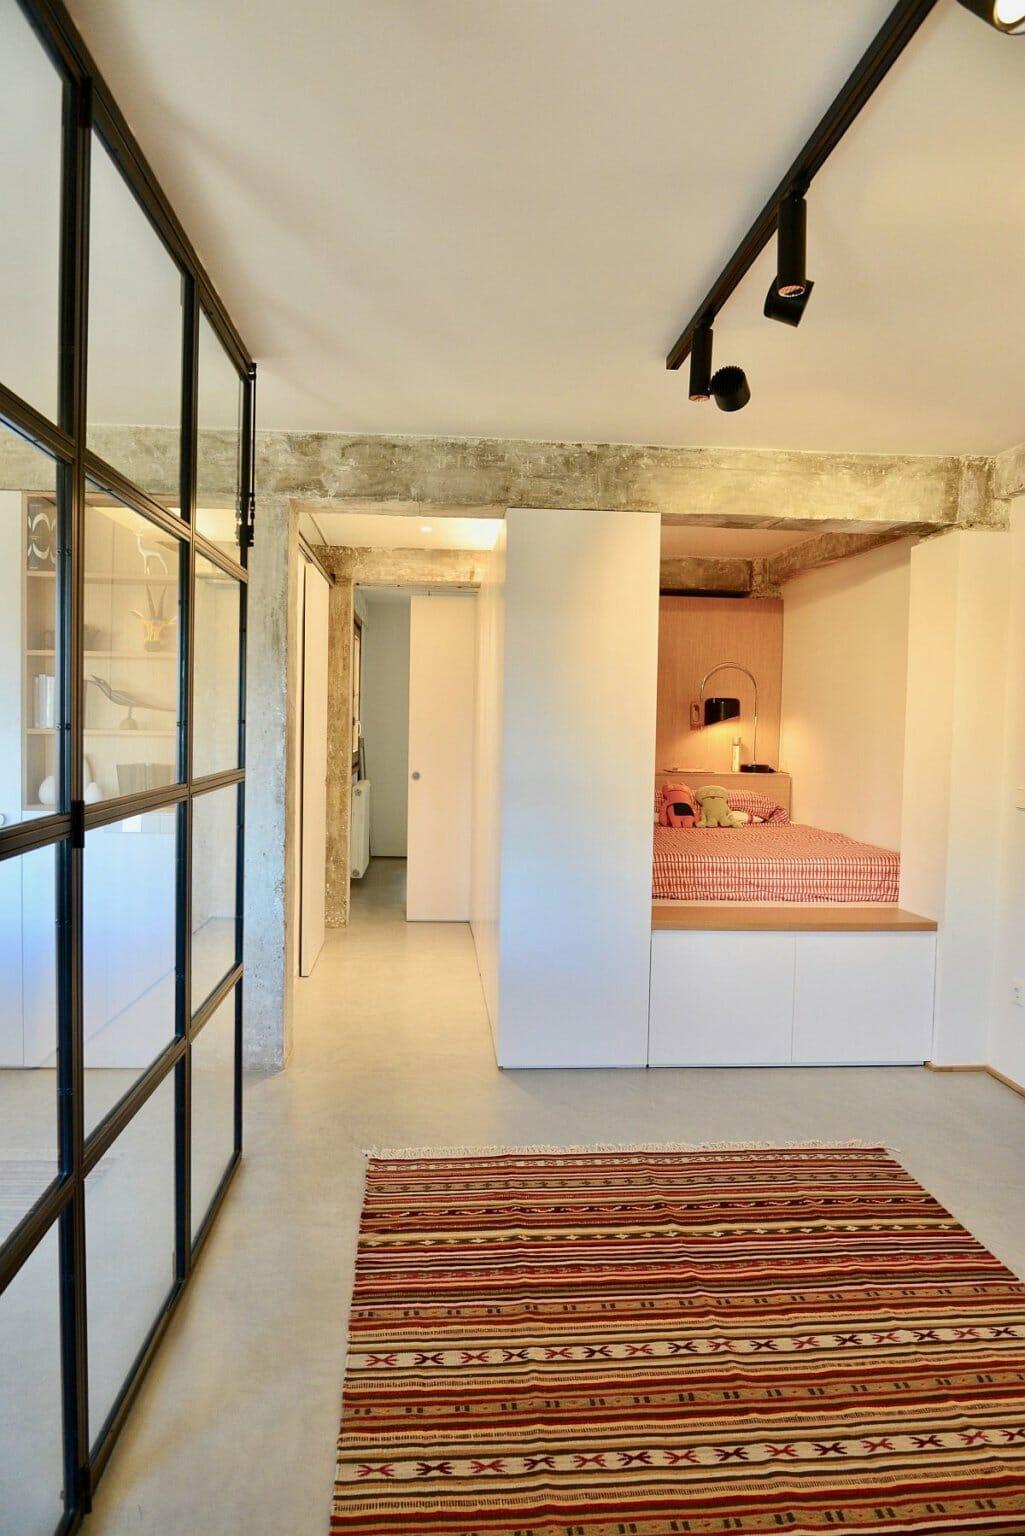 hình ảnh phòng ngủ nhỏ ấm cúng trong hốc tường với ga gối, chăn màu cam đất